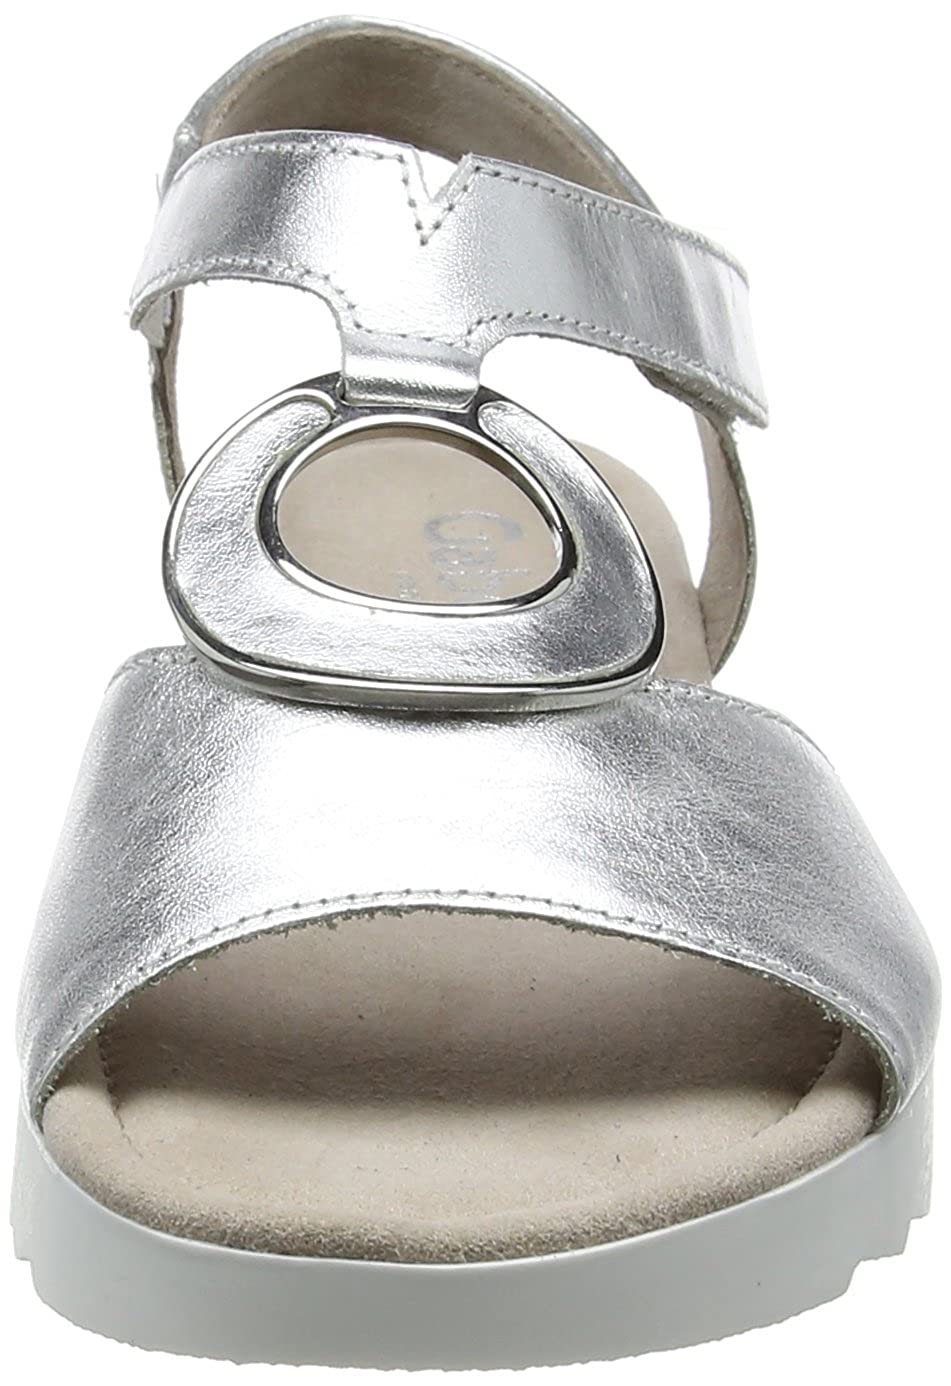 Gabor Comfort Sport, Sandali con Cinturino alla Caviglia Donna Donna Donna   Esecuzione squisita  6f70e6